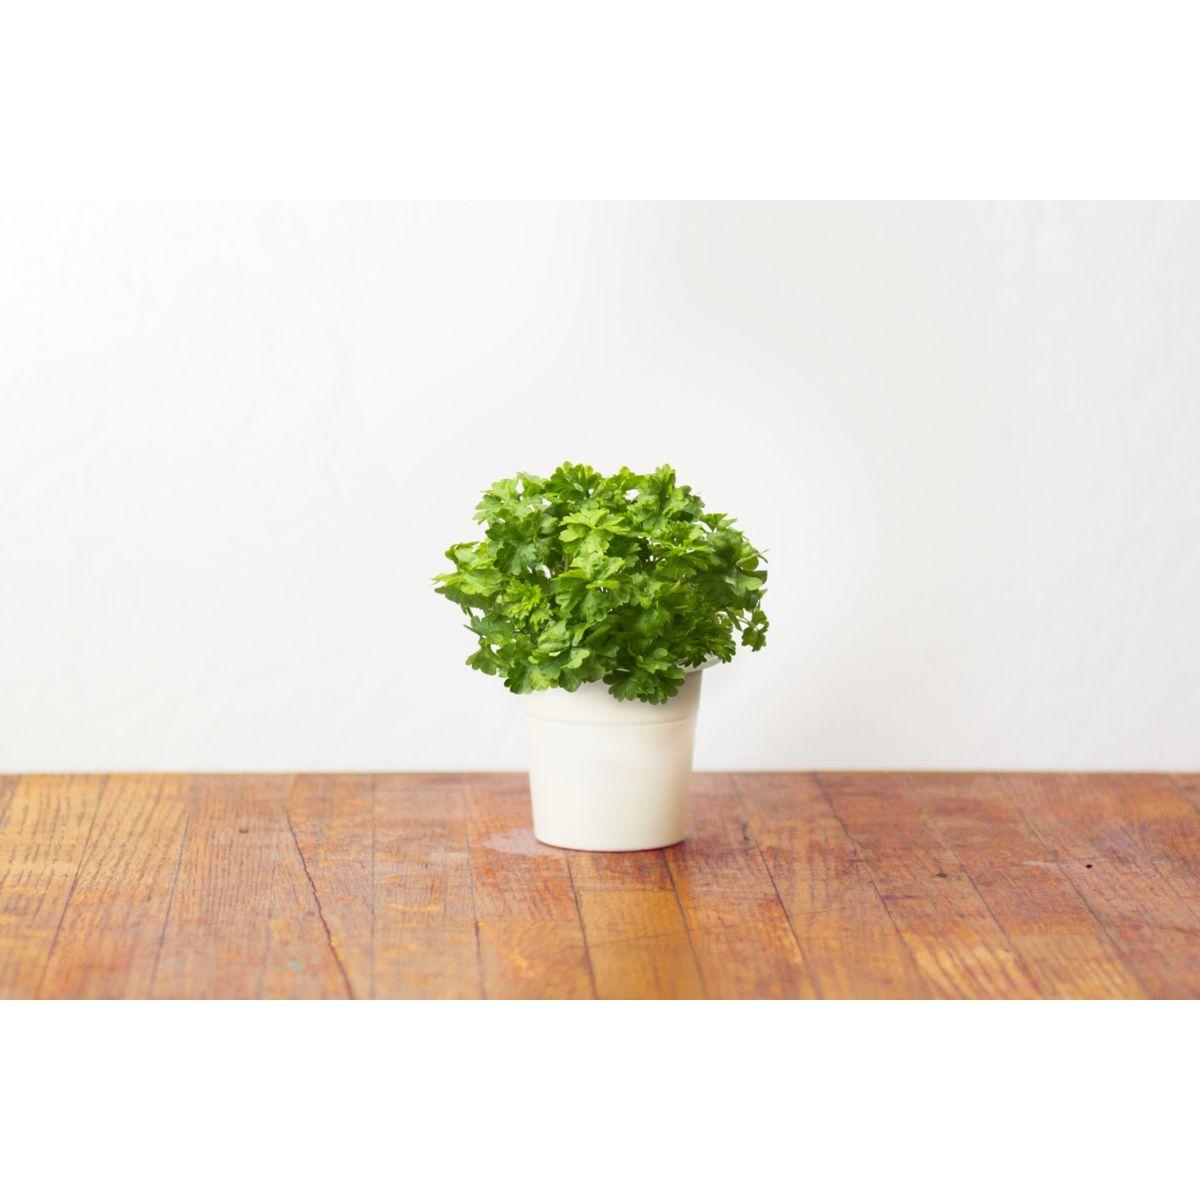 Recharge jardin intérieur CLICK AND GROW Persil lot de 3